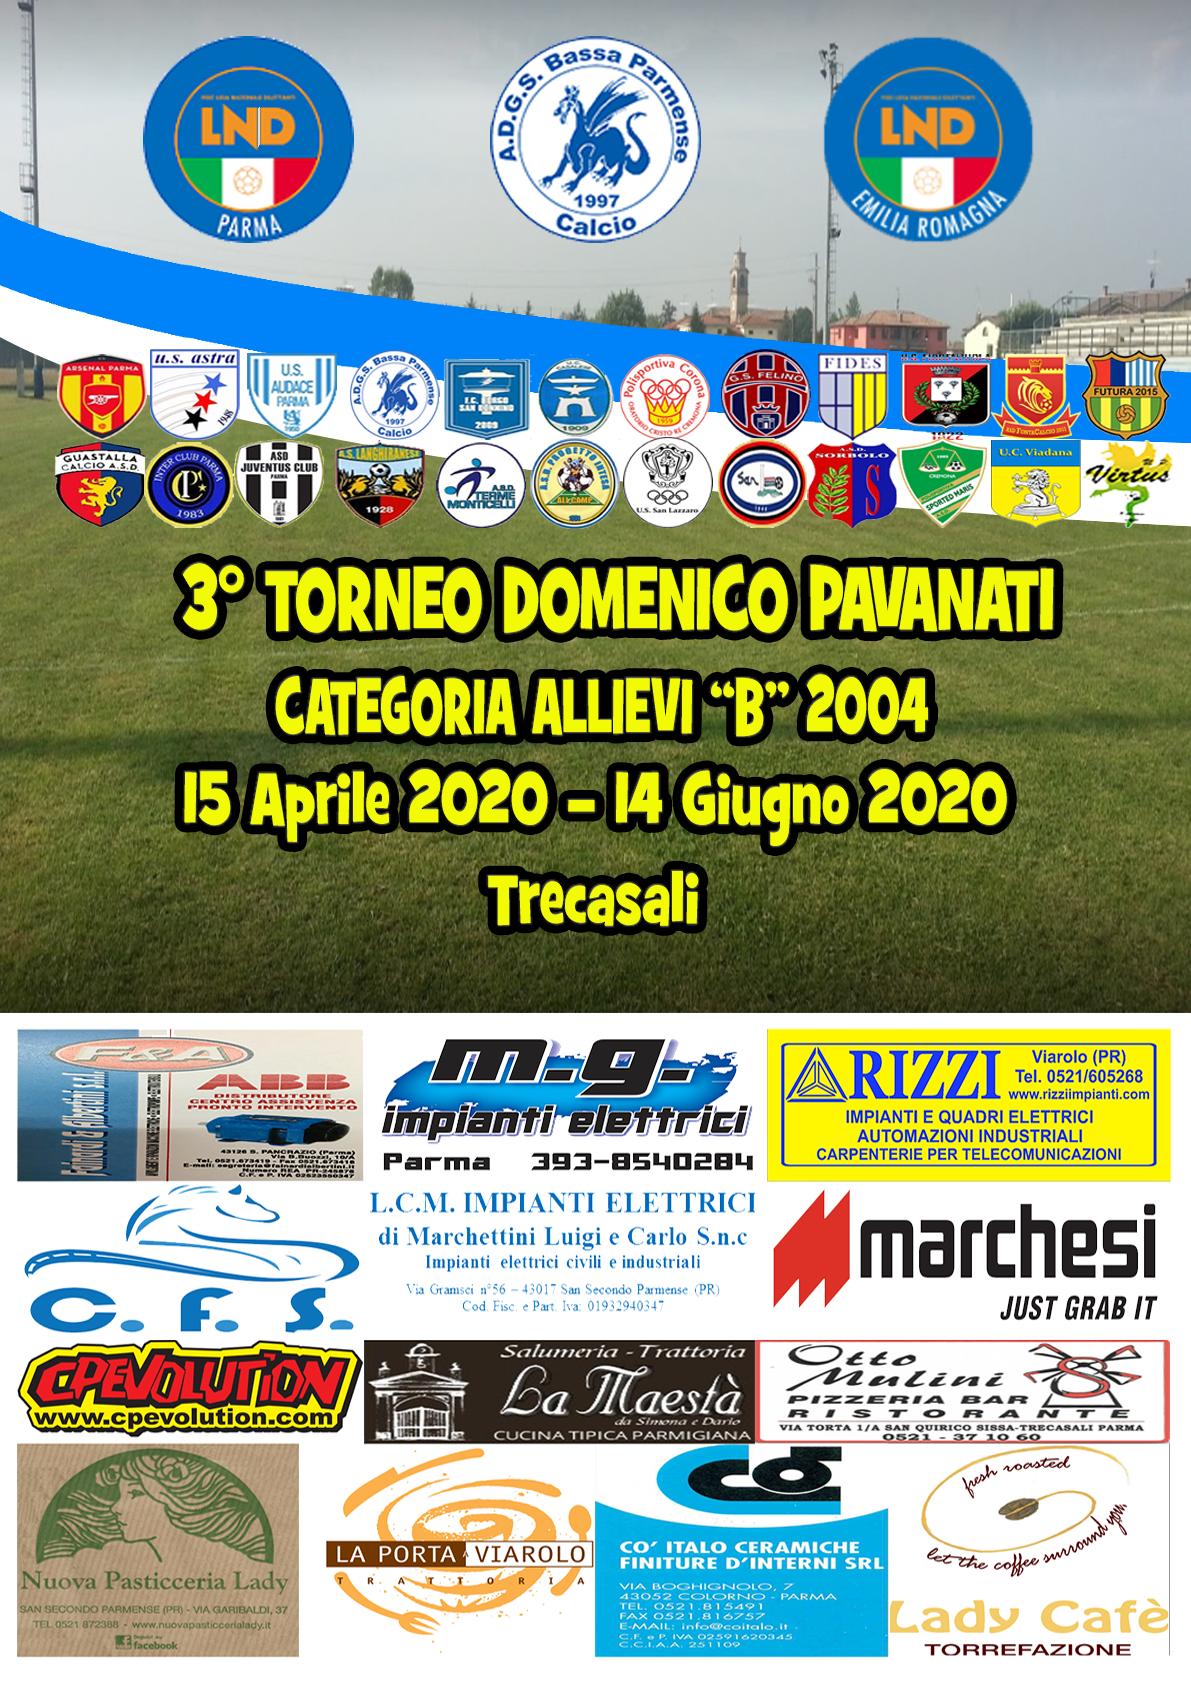 Torneo Domenico Pavanati